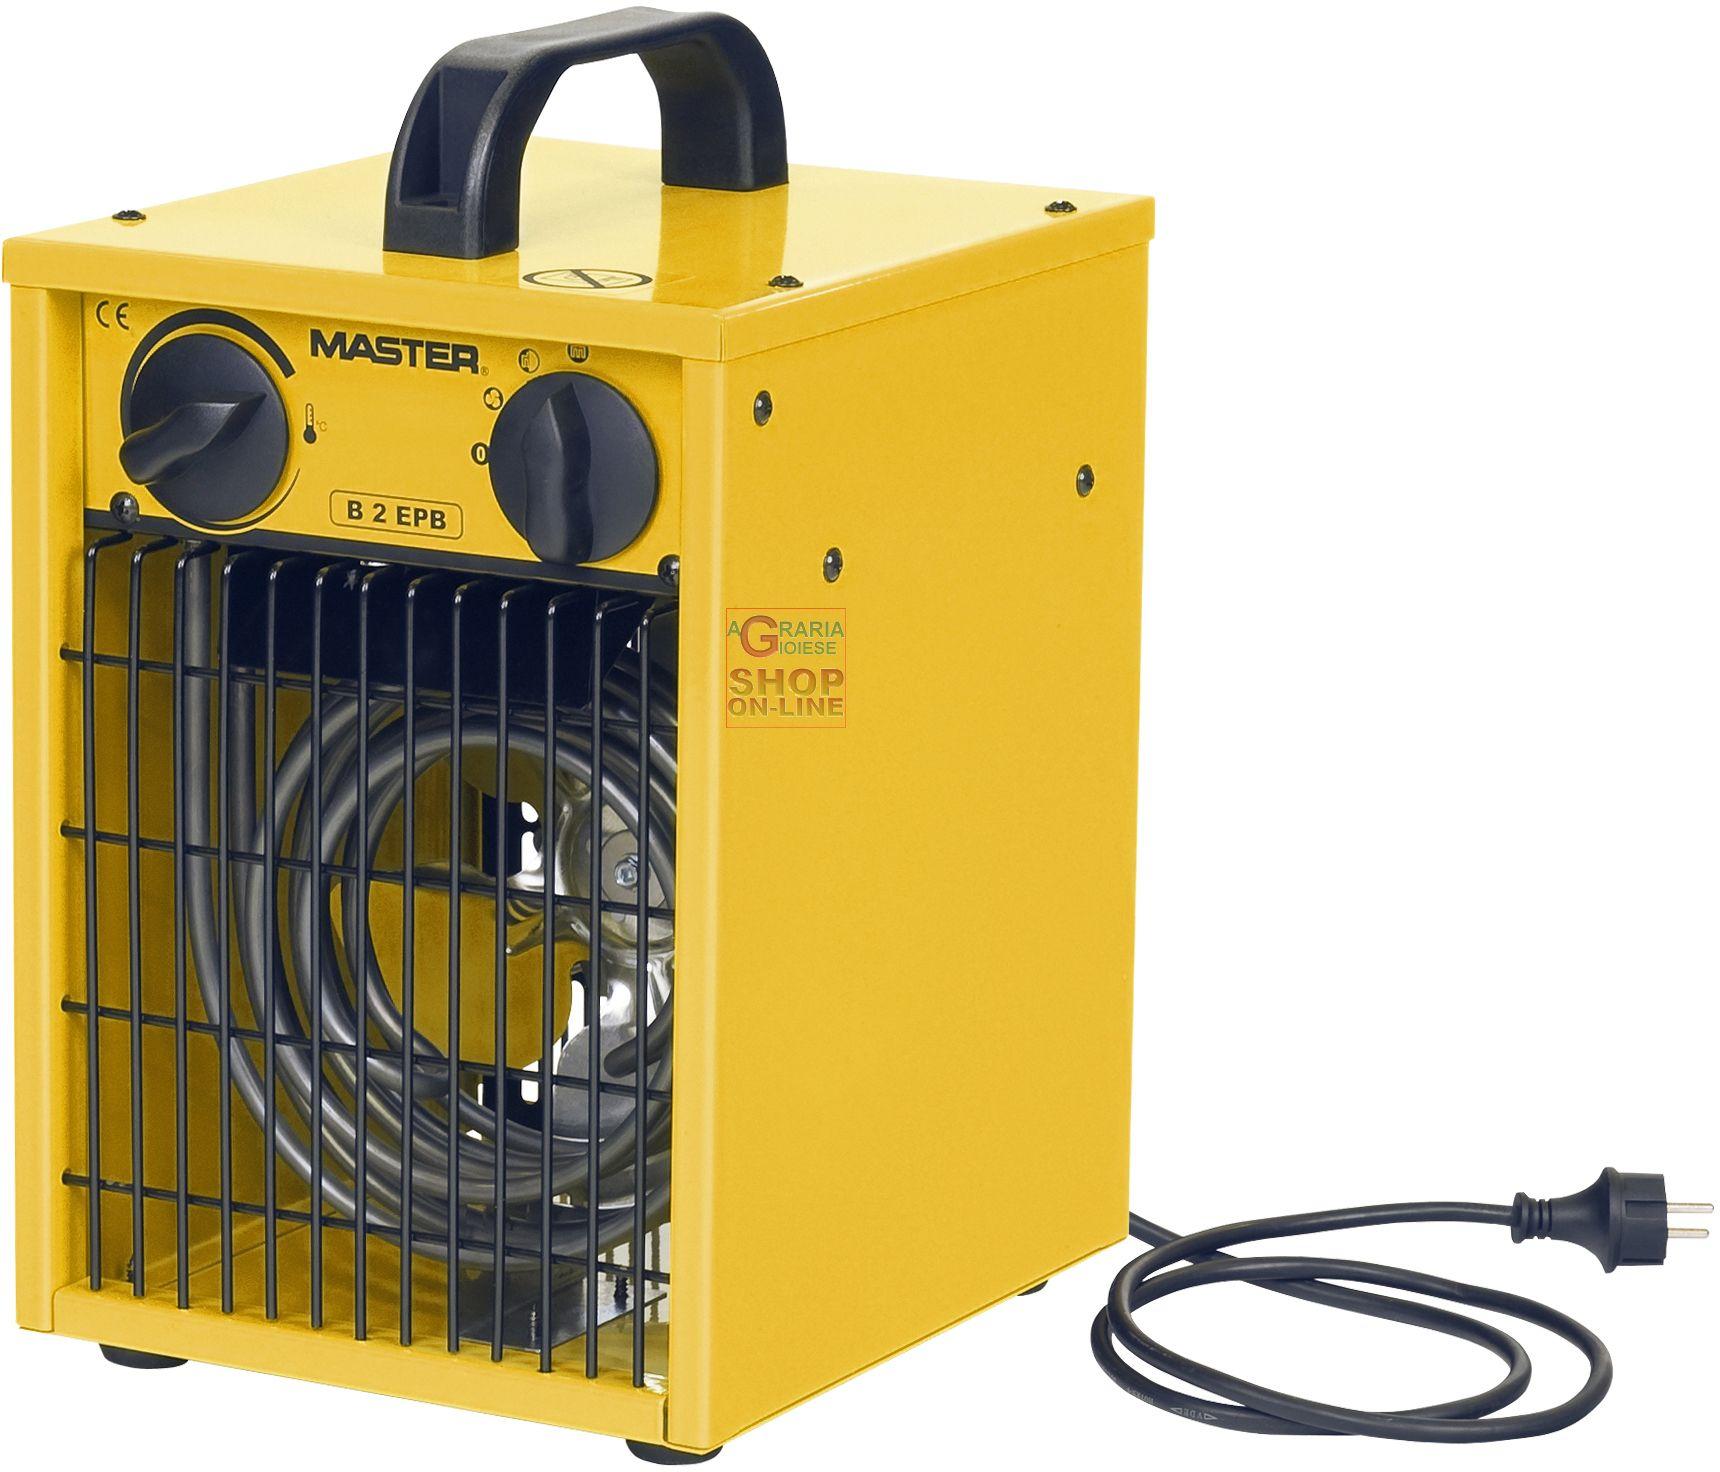 Riscaldamento Elettrico Ad Aria.Generatore Elettrico Ad Aria Calda Con Ventilatore Kw 2